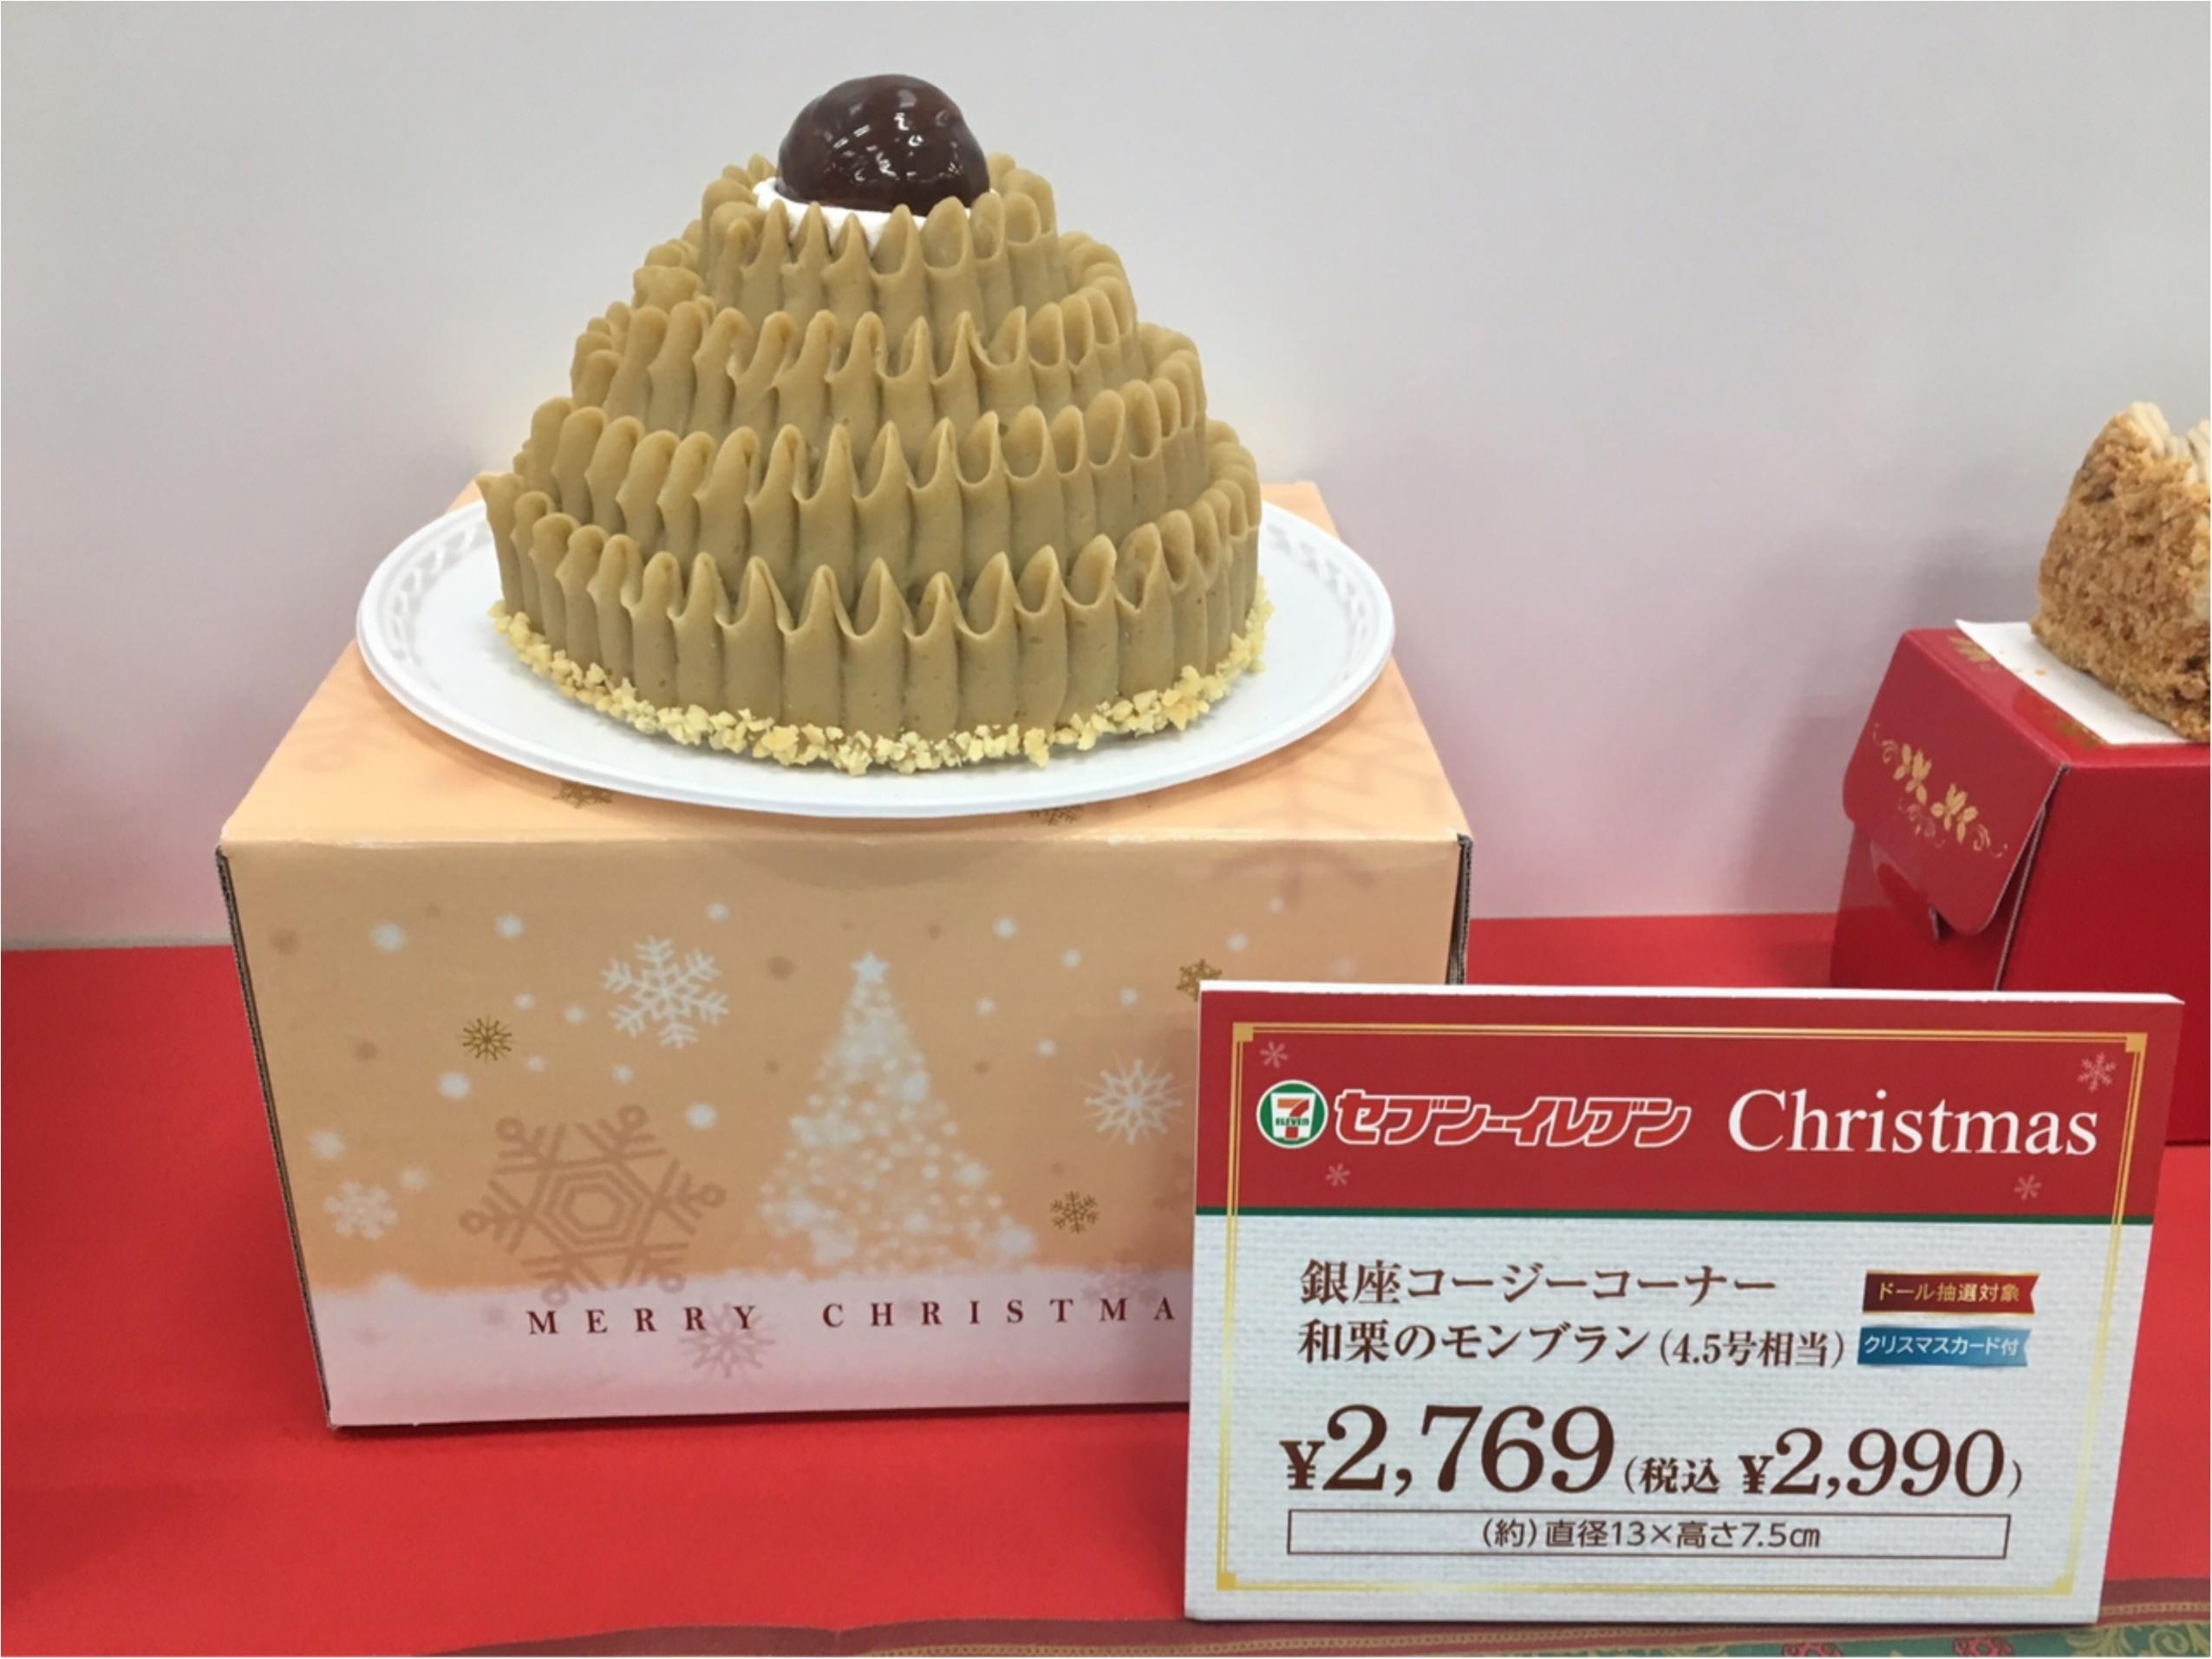 【セブンイレブン】いよいよクリスマス!ケーキどうする?試食会レポート_6